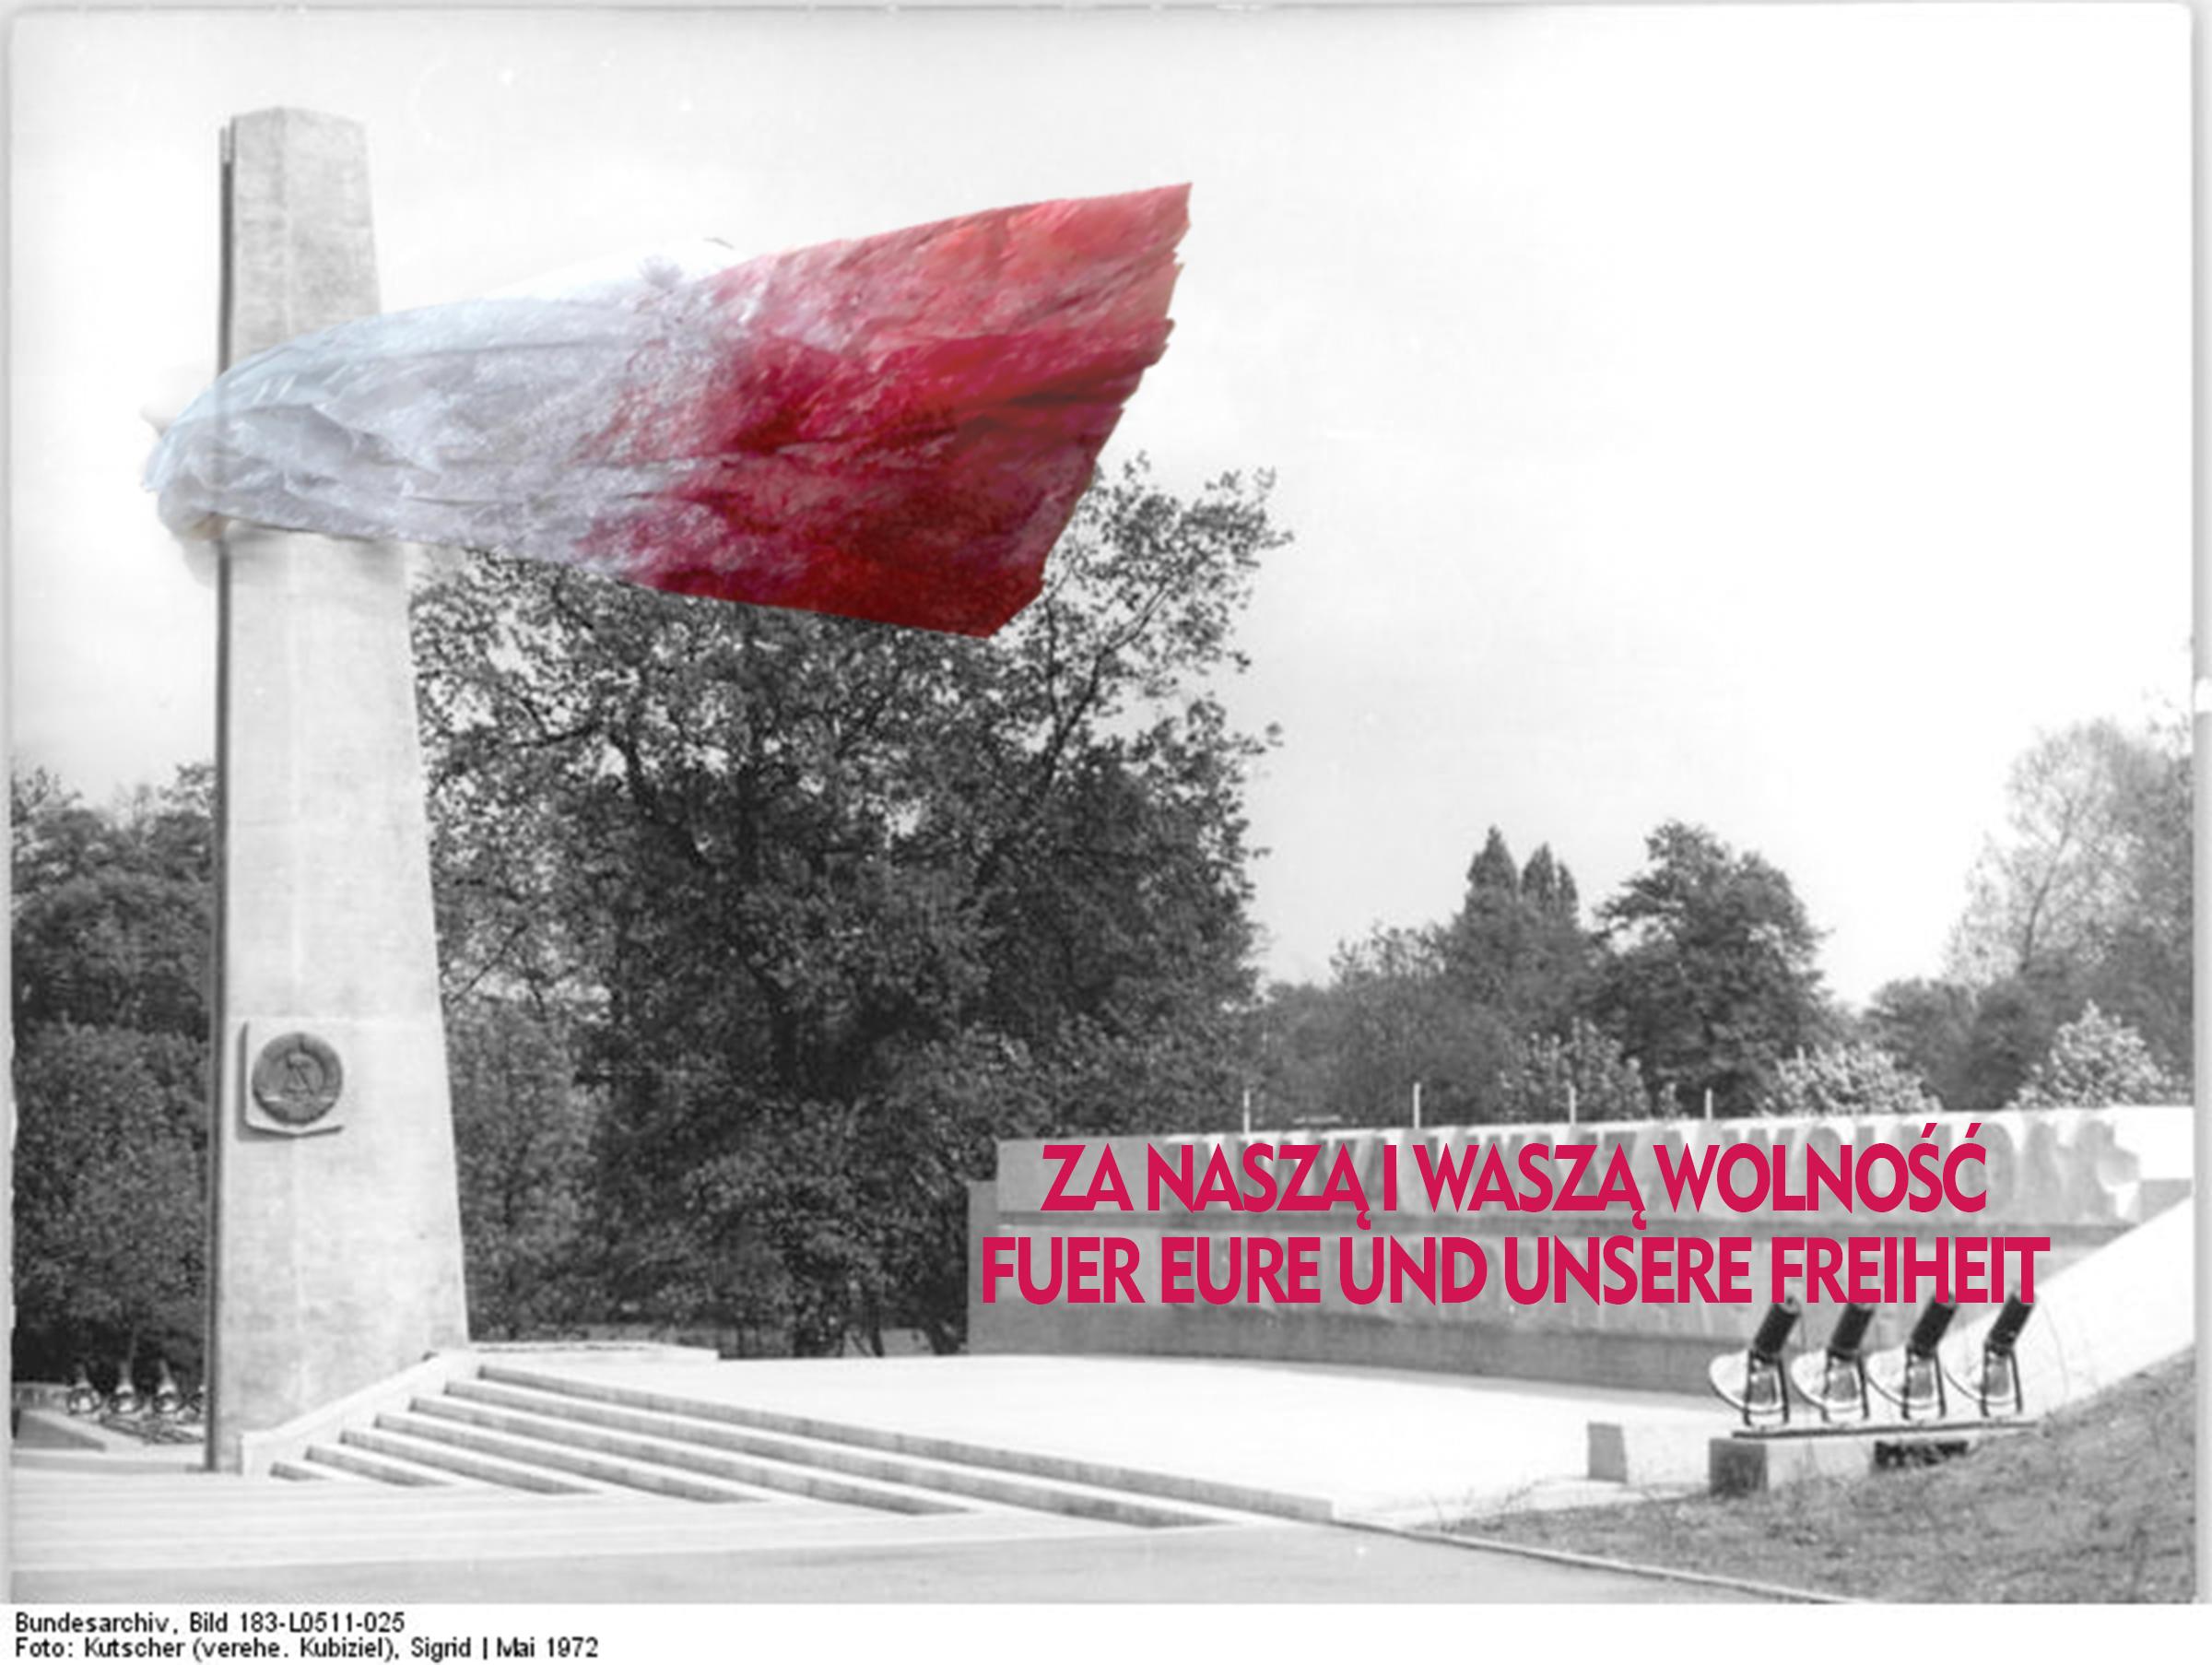 11.11.2020 Za naszą i waszą wolność | Für Eure und unsere Freiheit